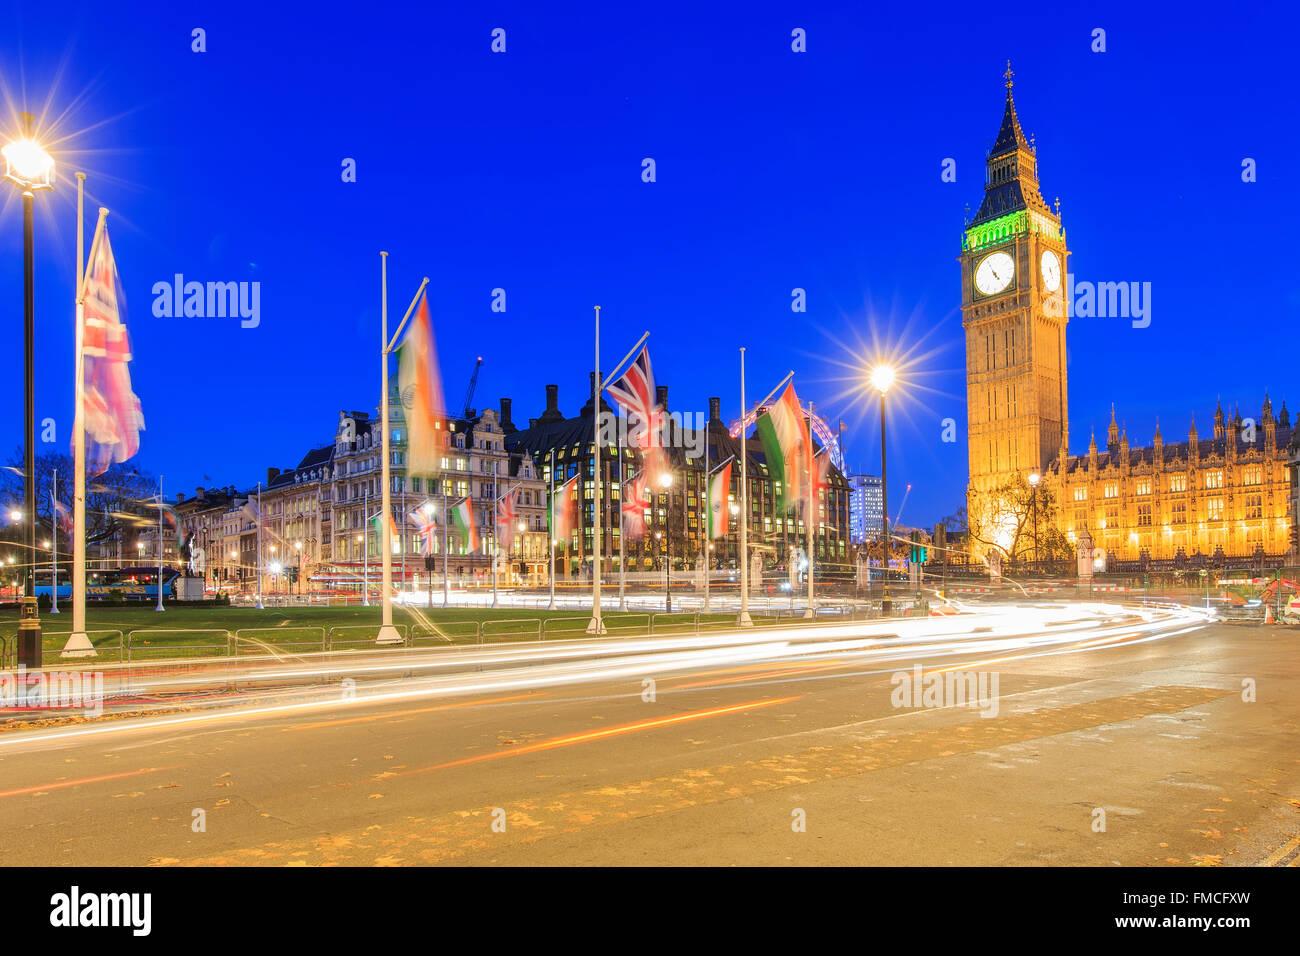 Viaggiando nel famoso Big Ben, London, Regno Unito intorno al crepuscolo Immagini Stock